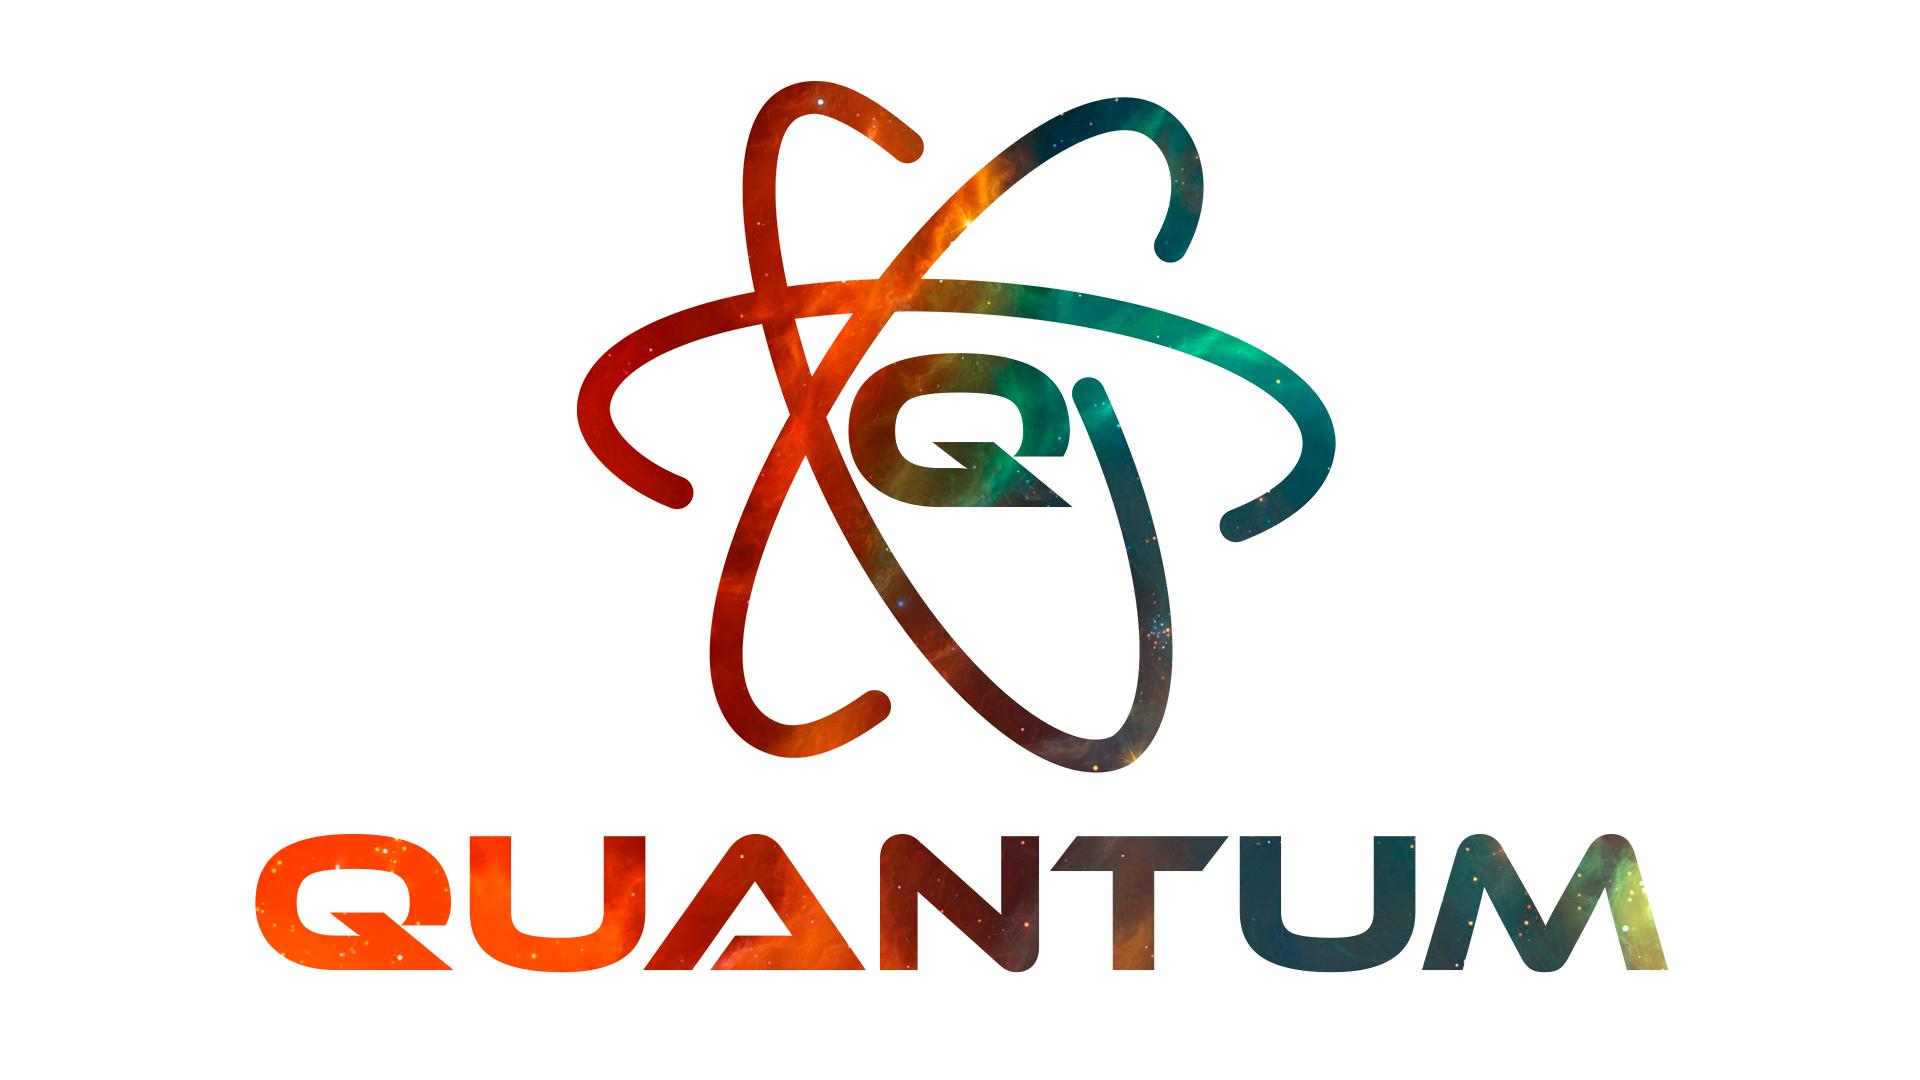 Редизайн логотипа бренда интеллектуальной игры фото f_4675bc0dec55d7d5.png